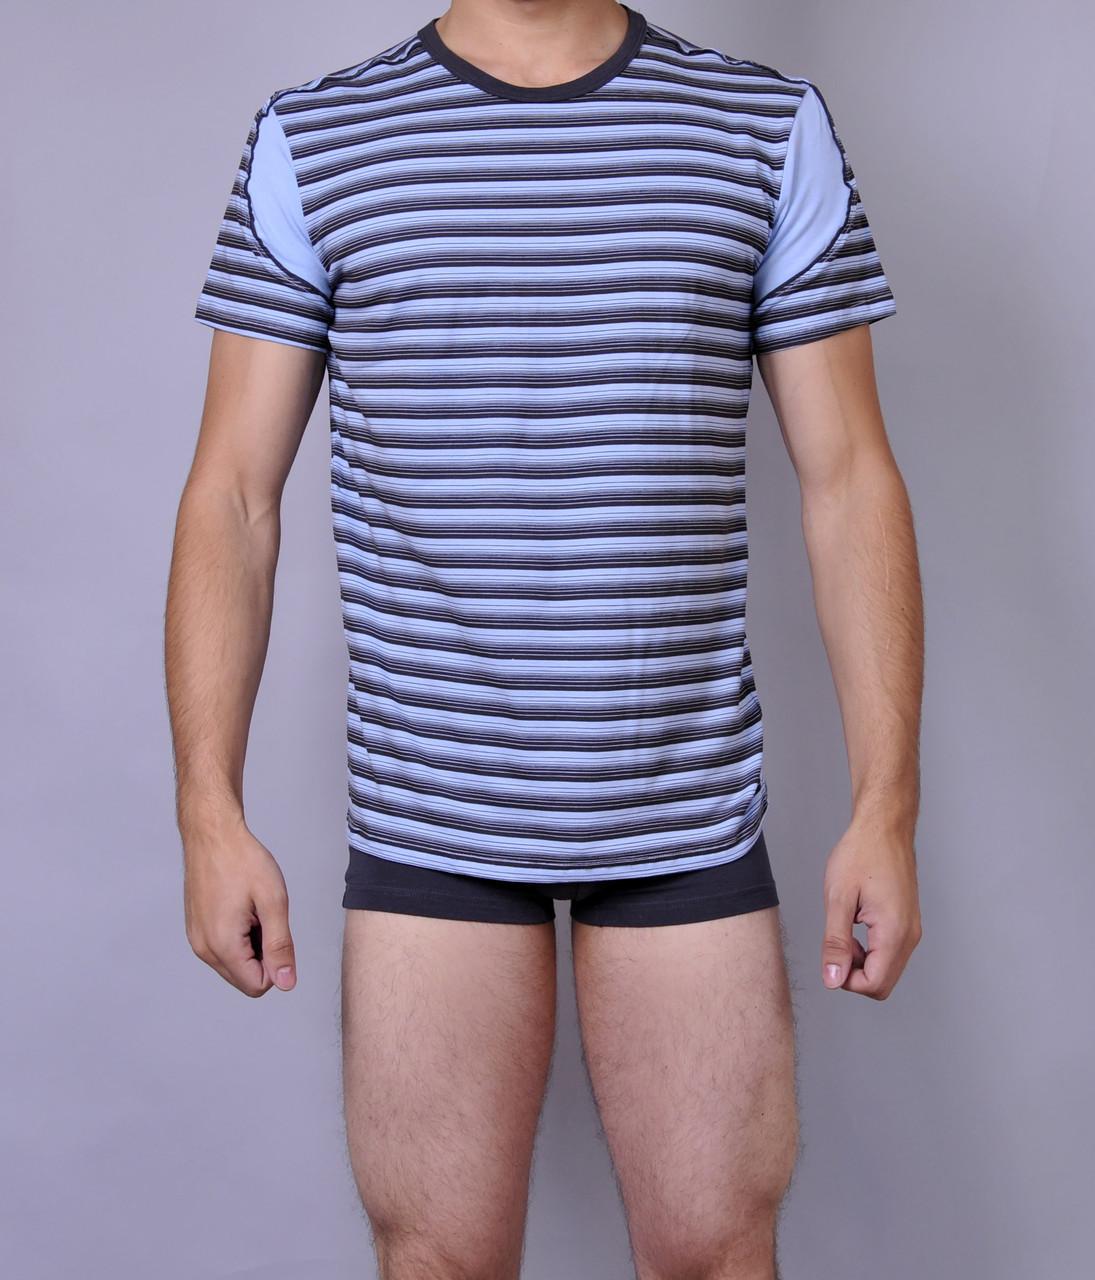 Мужская футболка  C+3 0114 L Полосатый